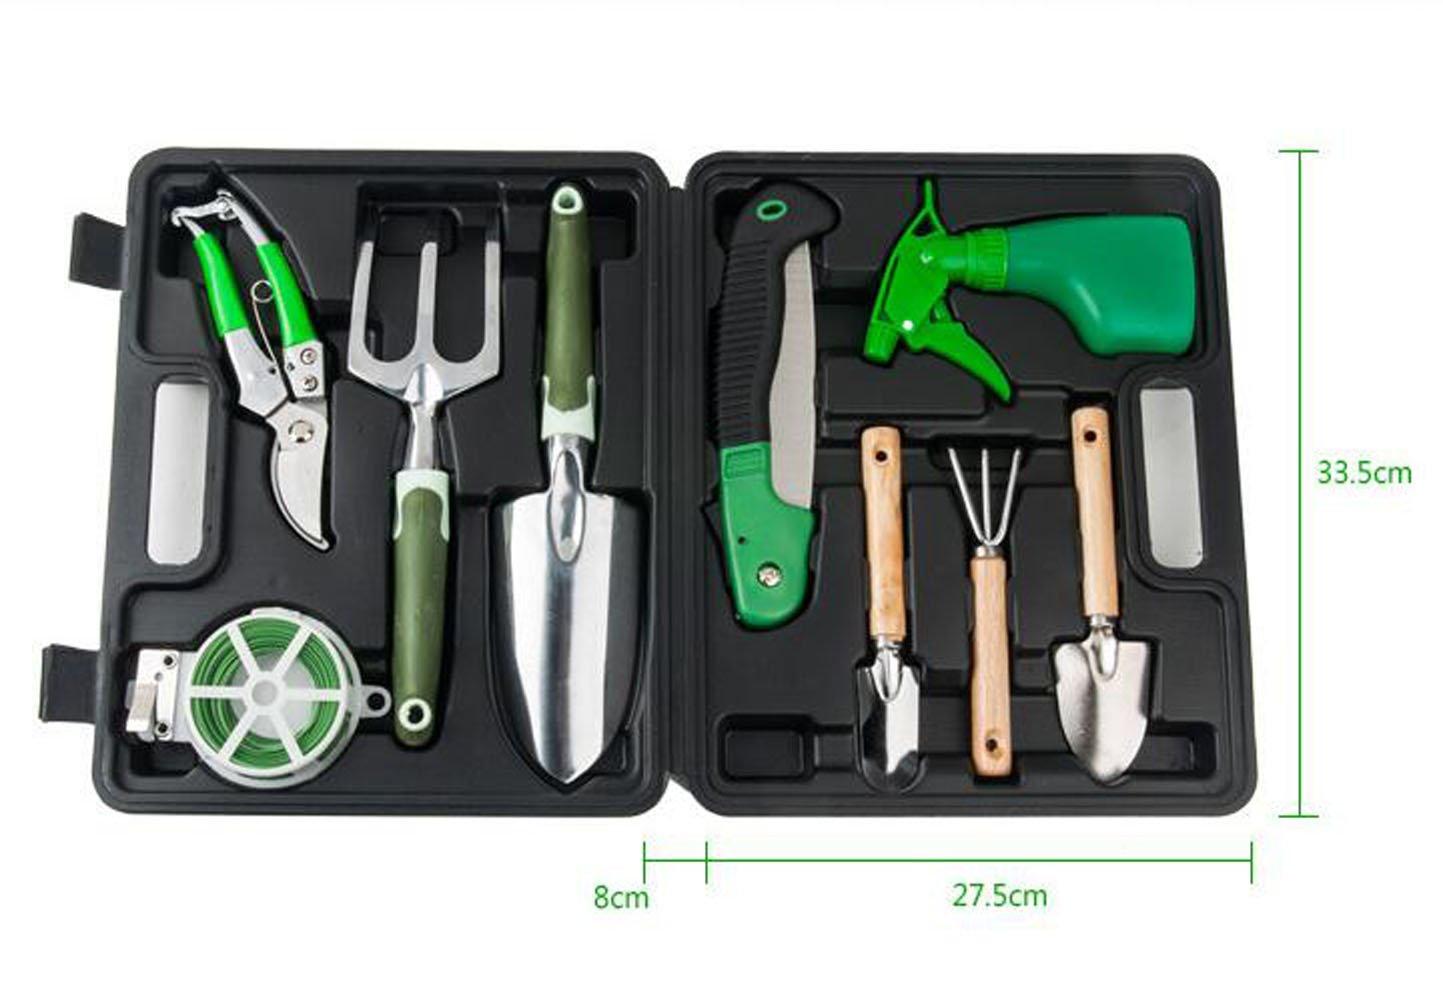 Garten-Werkzeug-Kit 9 Familie Vergossen Gartengeräte